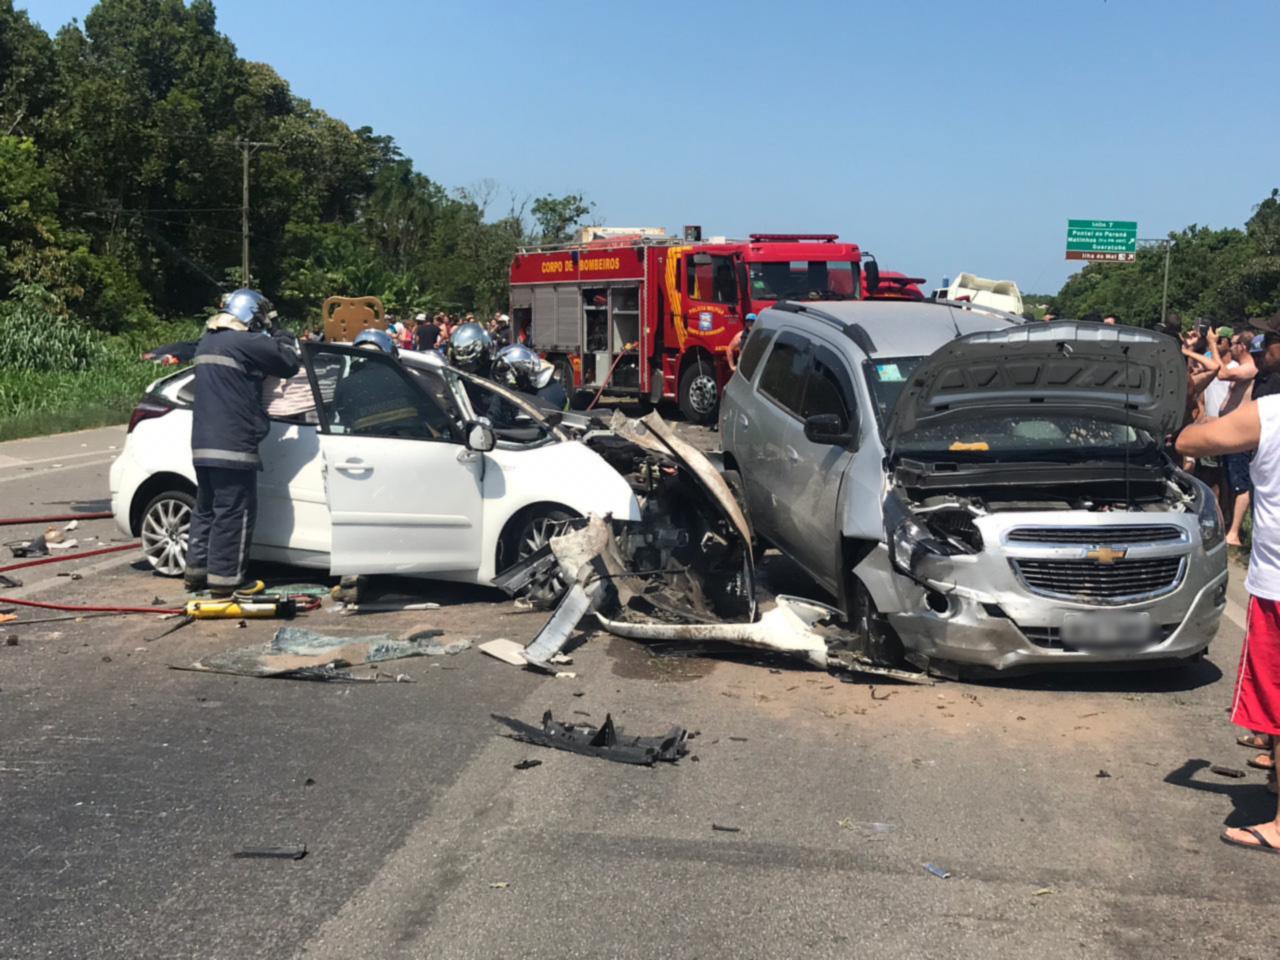 Paraná: Caminhão invade pista contrária e causa acidente na BR-277; um morto e nove feridos